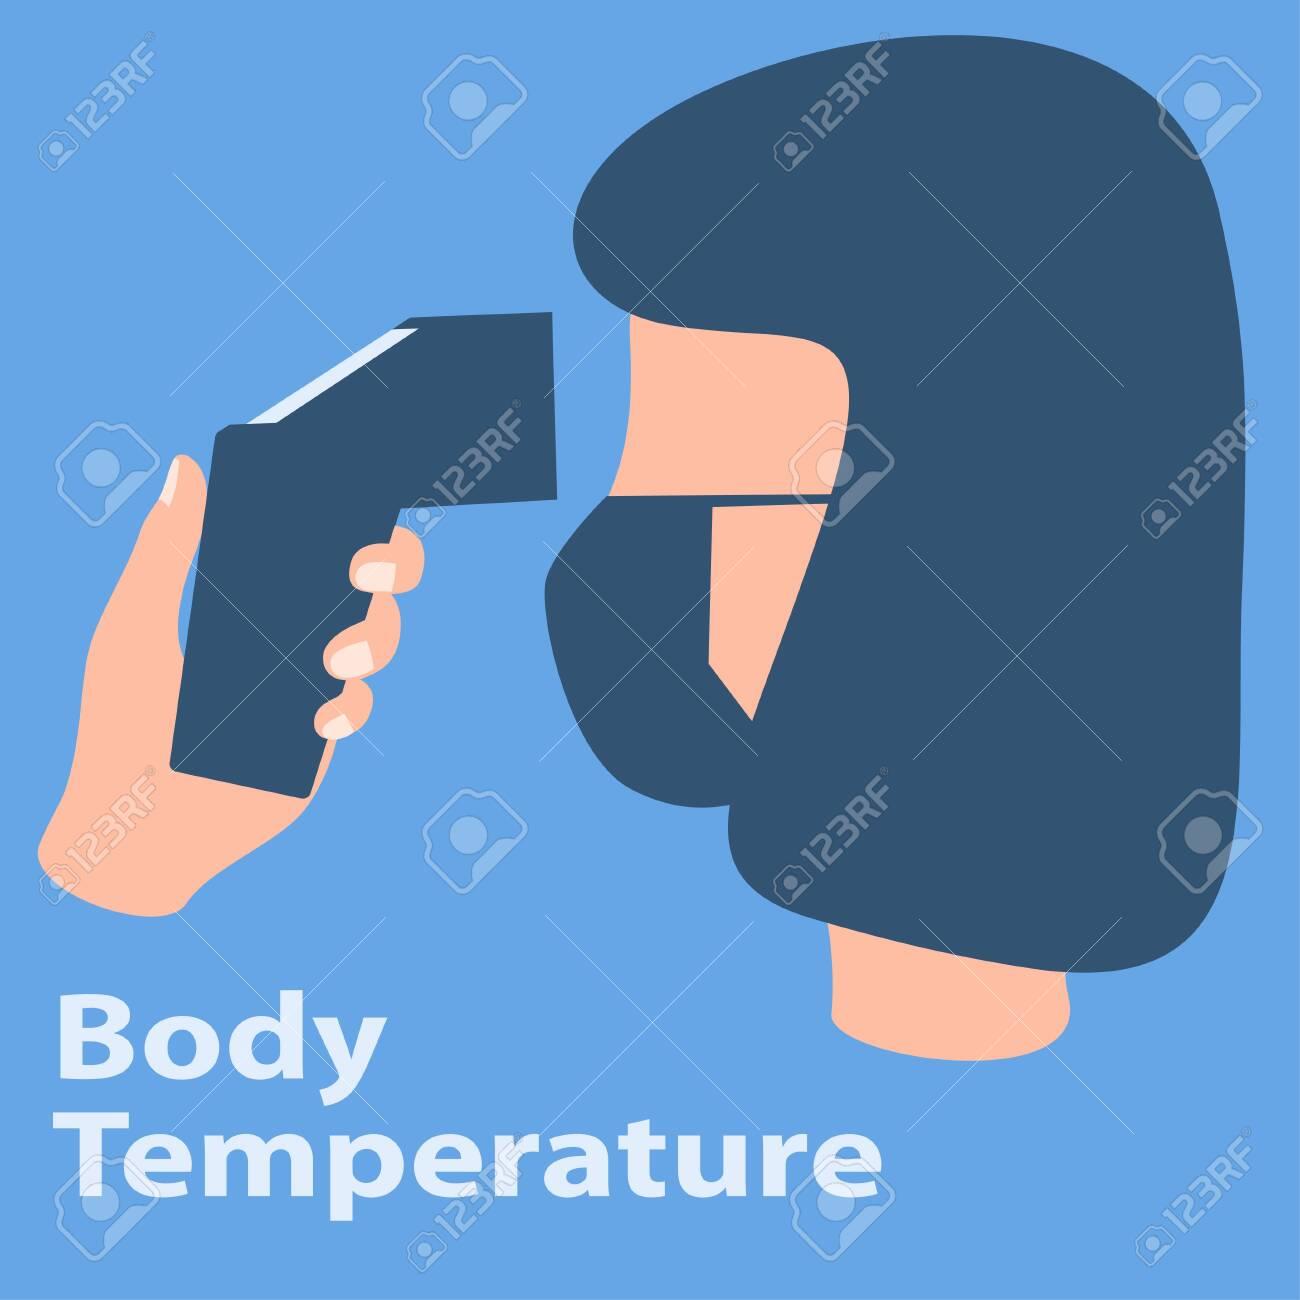 Body Temperature Check. Covid-19 Outbreak. Illustration vector - 148457070